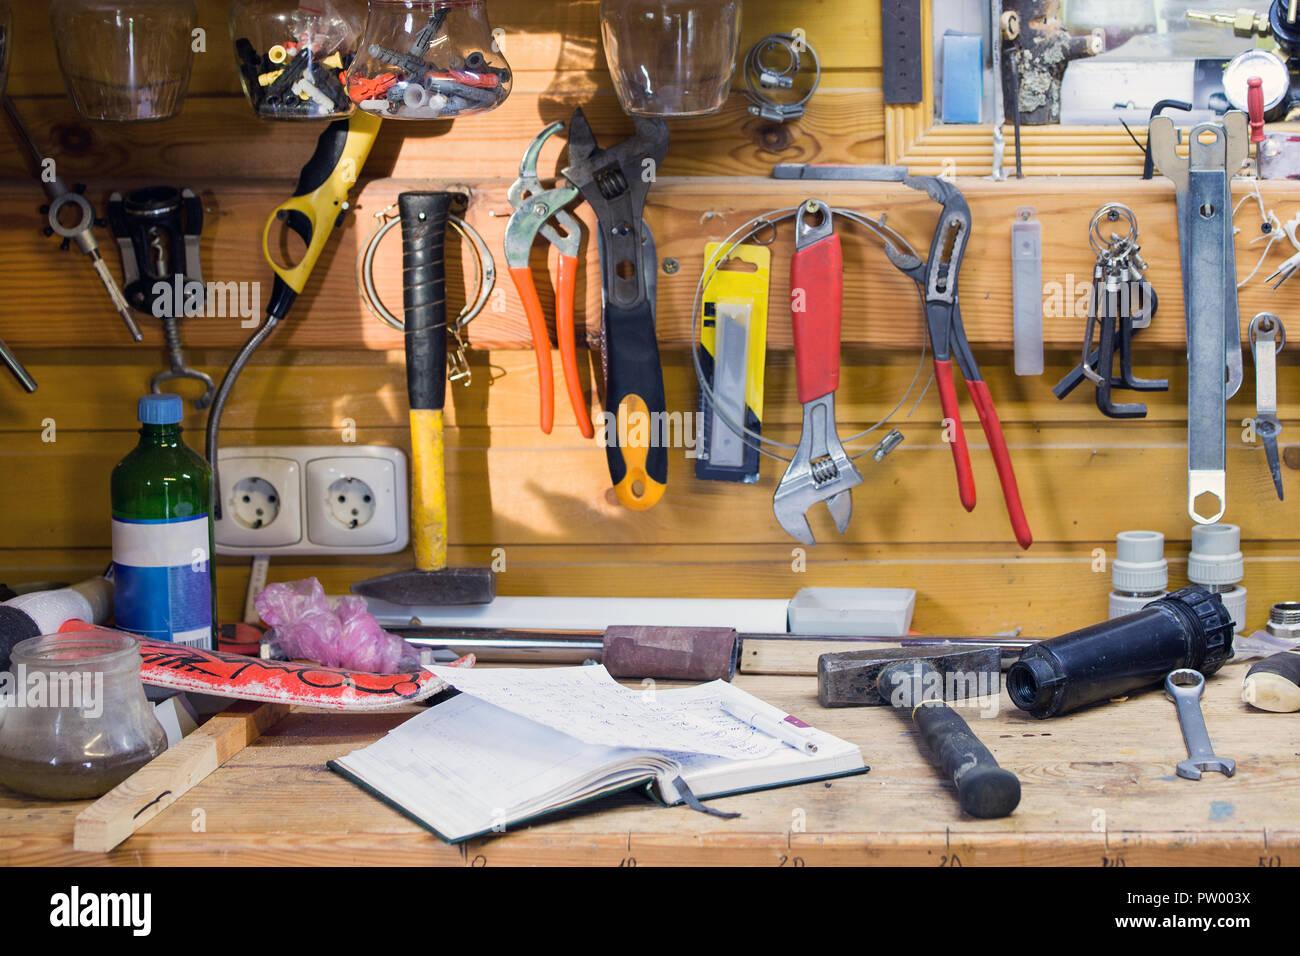 Strumenti Per Lavorare Il Legno : Banco di lavoro in legno in officina sacco di diversi strumenti